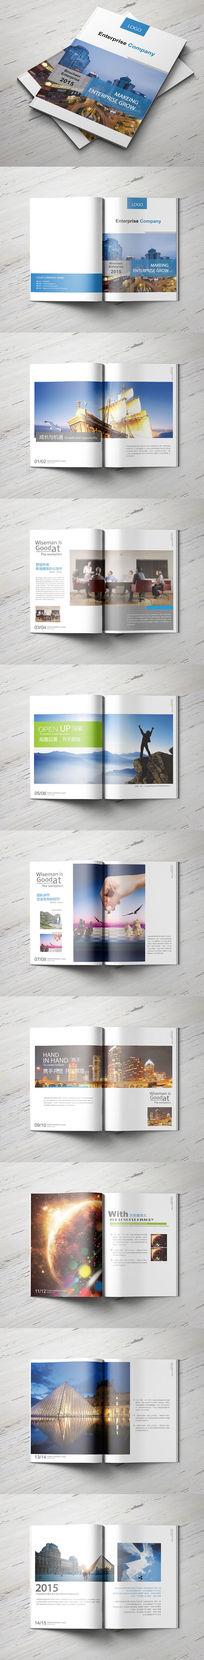 蓝色大气企业画册模板设计